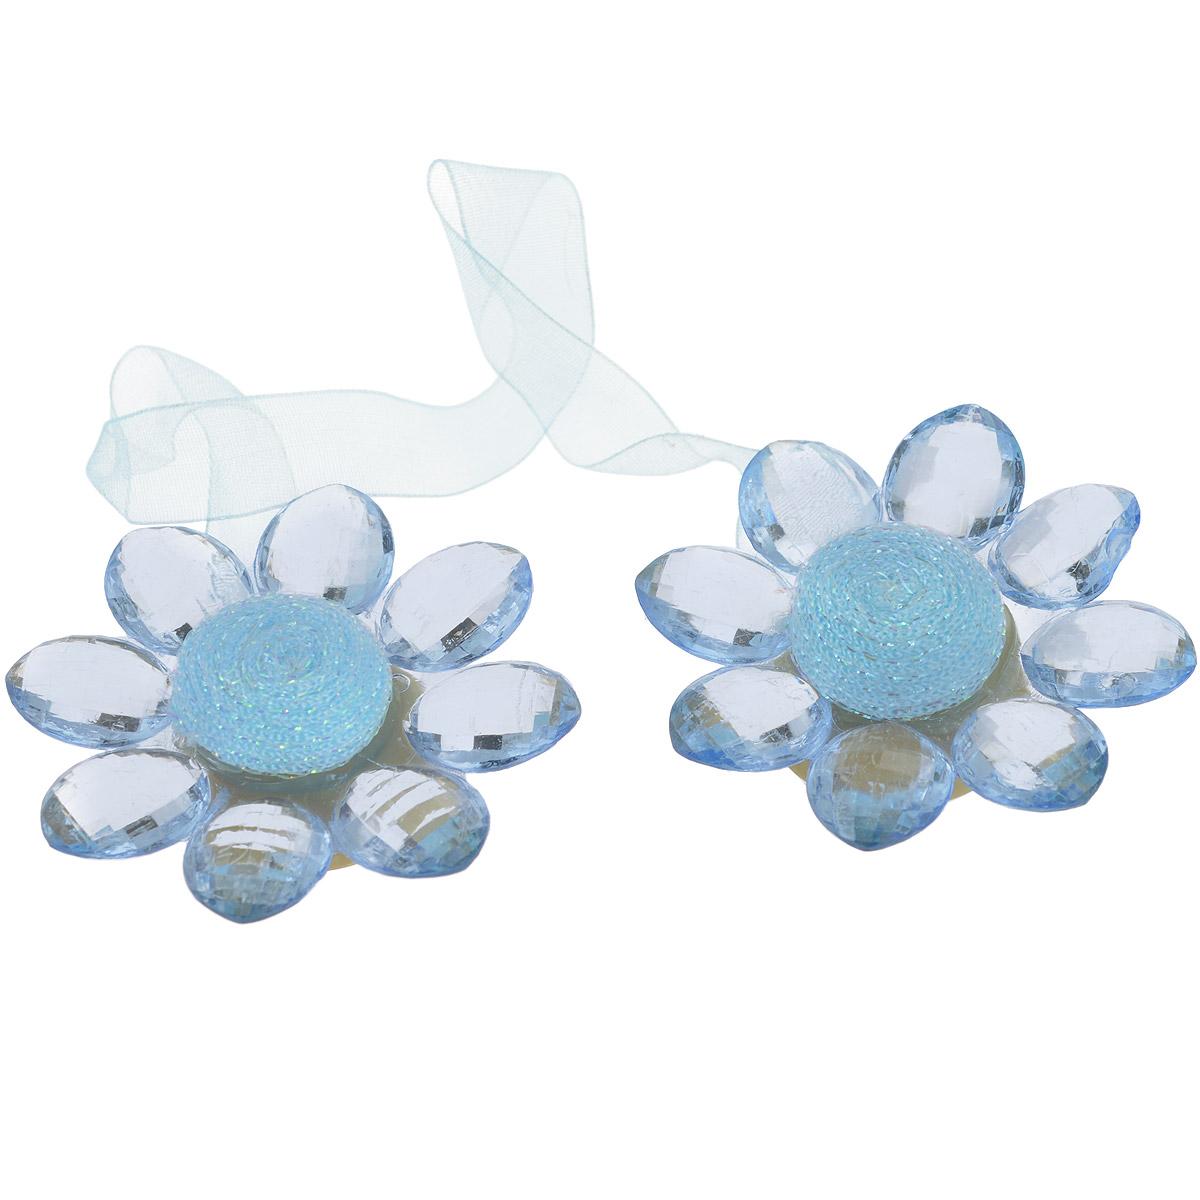 Клипса-магнит для штор Calamita Fiore, цвет: льдистый. 7704016_7847704016_784Клипса-магнит Calamita Fiore, изготовленная из пластика и текстиля, предназначена для придания формы шторам. Изделие представляет собой два магнита, расположенные на разных концах текстильной ленты. Магниты оформлены декоративными цветками. С помощью такой магнитной клипсы можно зафиксировать портьеры, придать им требуемое положение, сделать складки симметричными или приблизить портьеры, скрепить их. Клипсы для штор являются универсальным изделием, которое превосходно подойдет как для штор в детской комнате, так и для штор в гостиной. Следует отметить, что клипсы для штор выполняют не только практическую функцию, но также являются одной из основных деталей декора этого изделия, которая придает шторам восхитительный, стильный внешний вид.кани